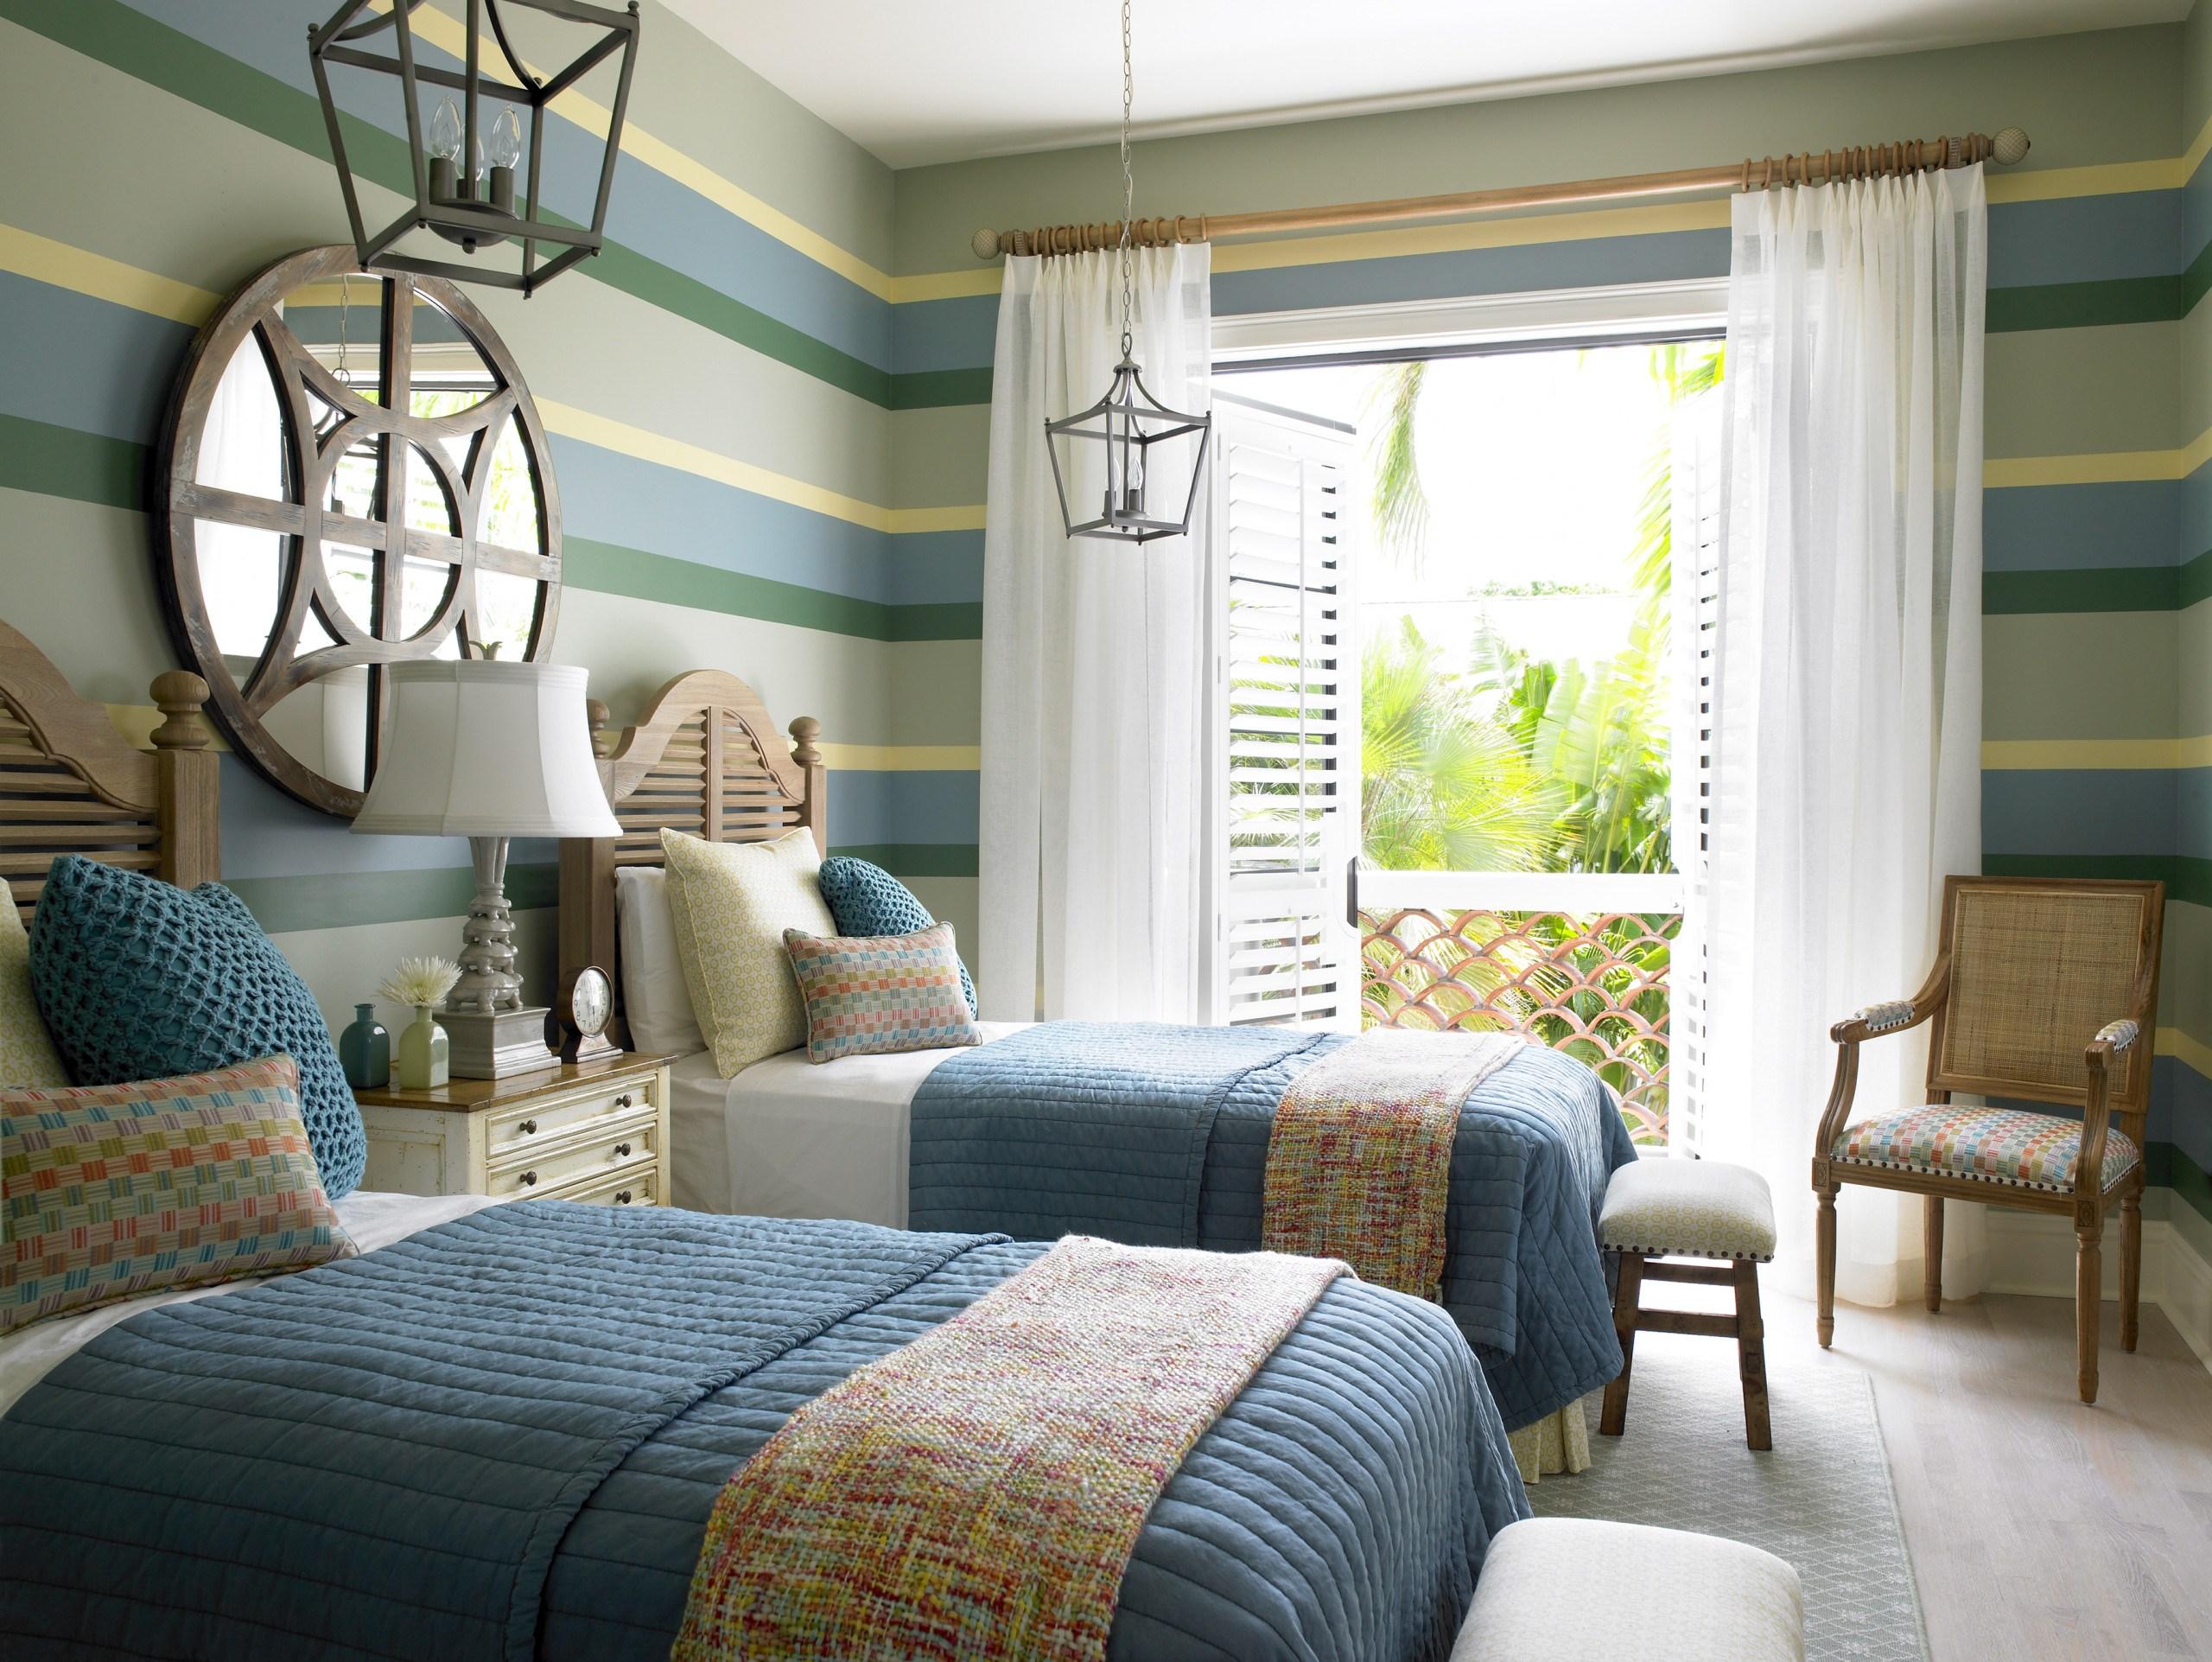 Дизайн комнаты для подростка полосатый